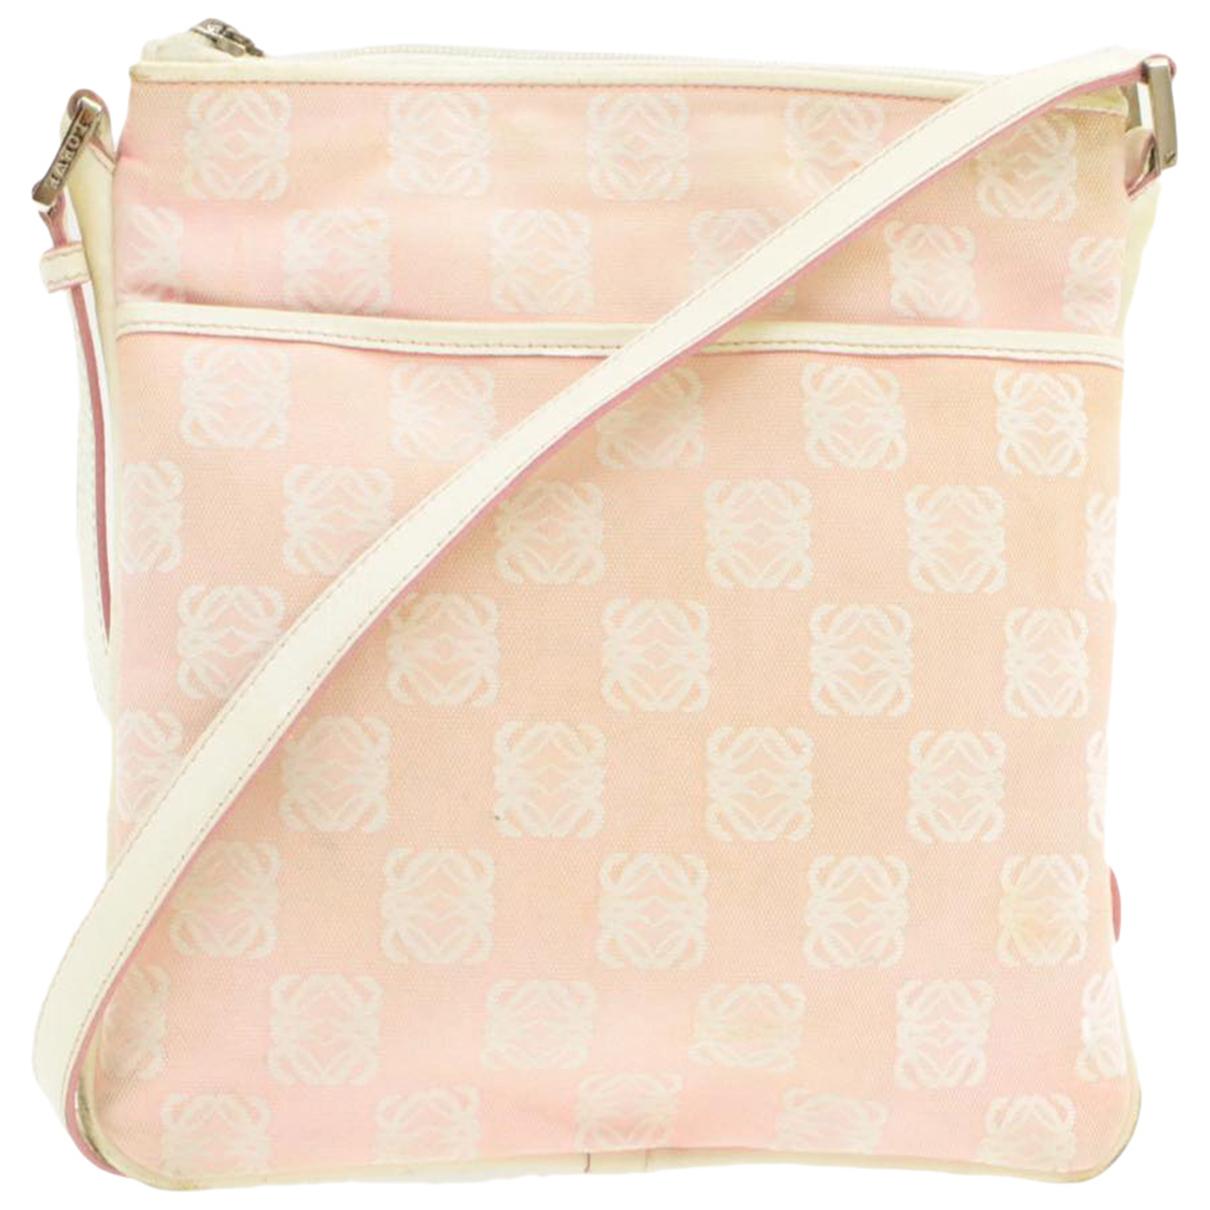 Loewe \N Handtasche in  Rosa Leinen